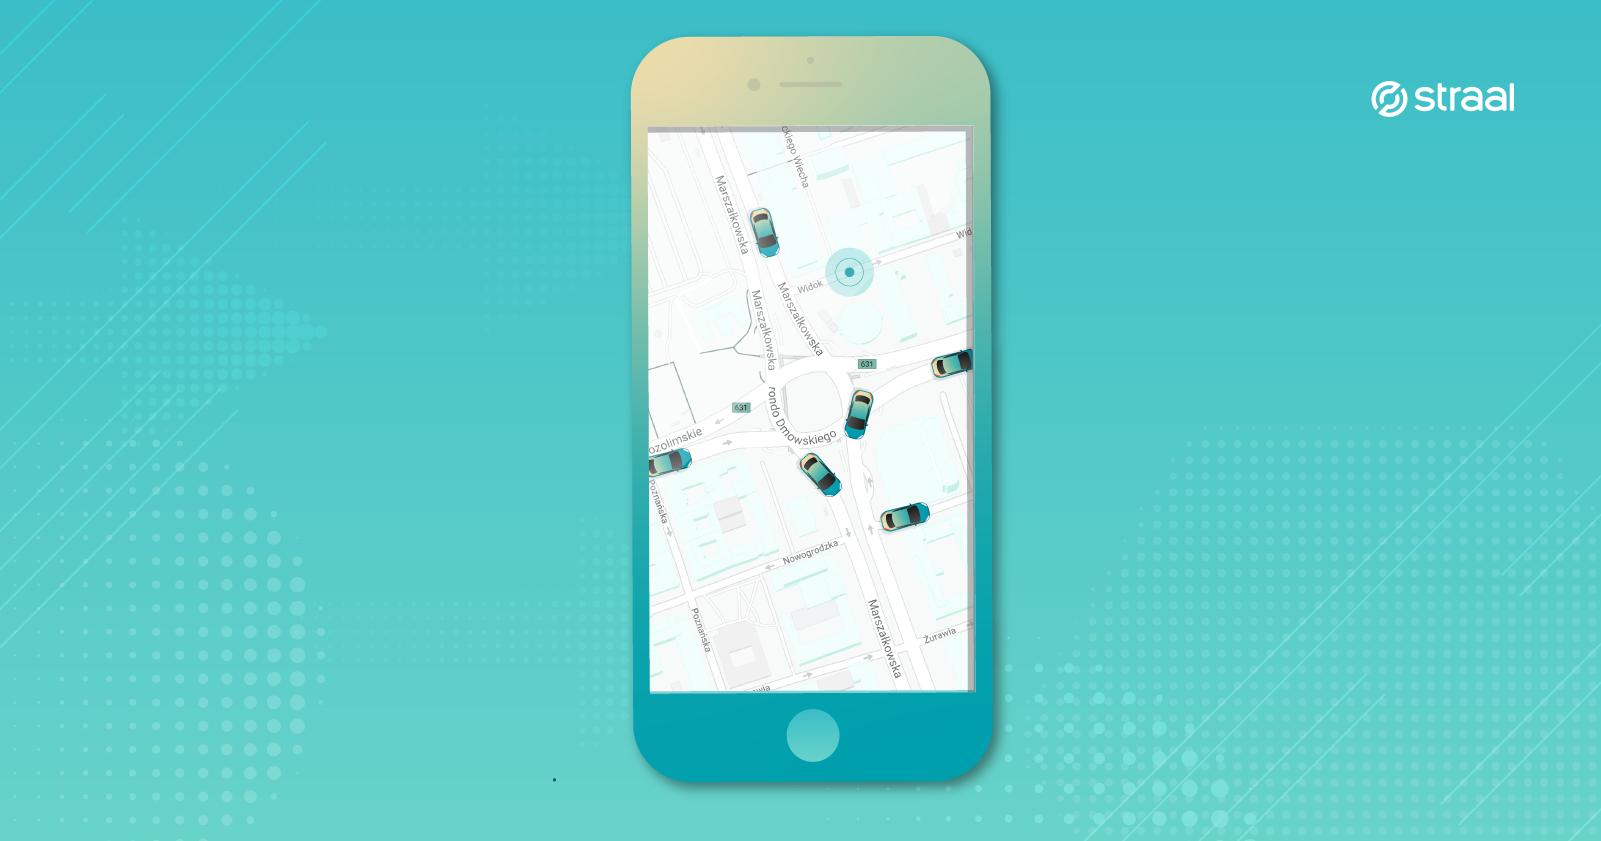 straal-blog-maas-payments-app